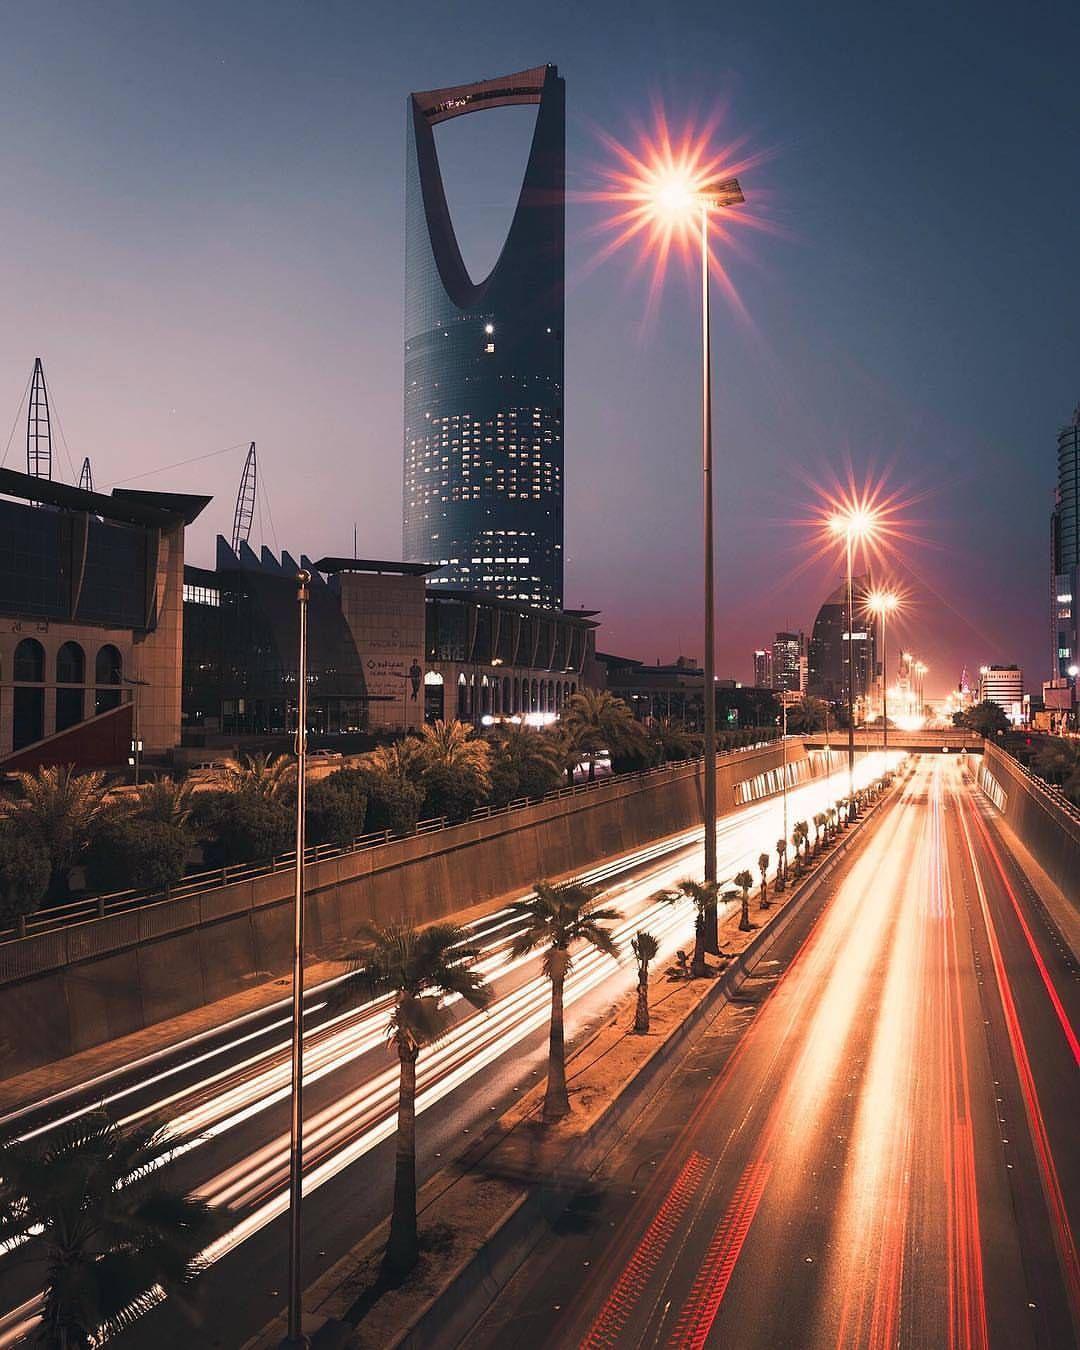 ㅤ وفاتنة أنت مثل الرياض ترق ملامحها في المطر وقاسية أنت مثل الرياض تعذب عشاقها بالضجر ونائية أنت مثل الرياض يطول إليها Istanbul Travel Travel City Wallpaper